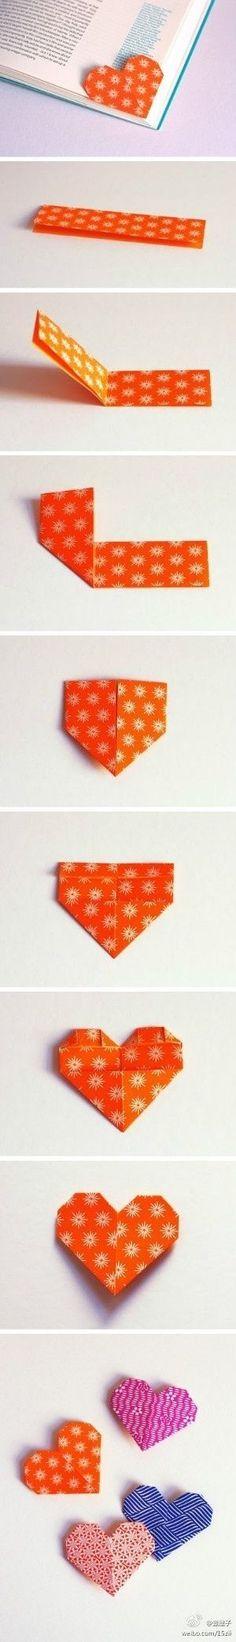 Heart Bookmark | DIY | For Book | Marcador de Página de Coração